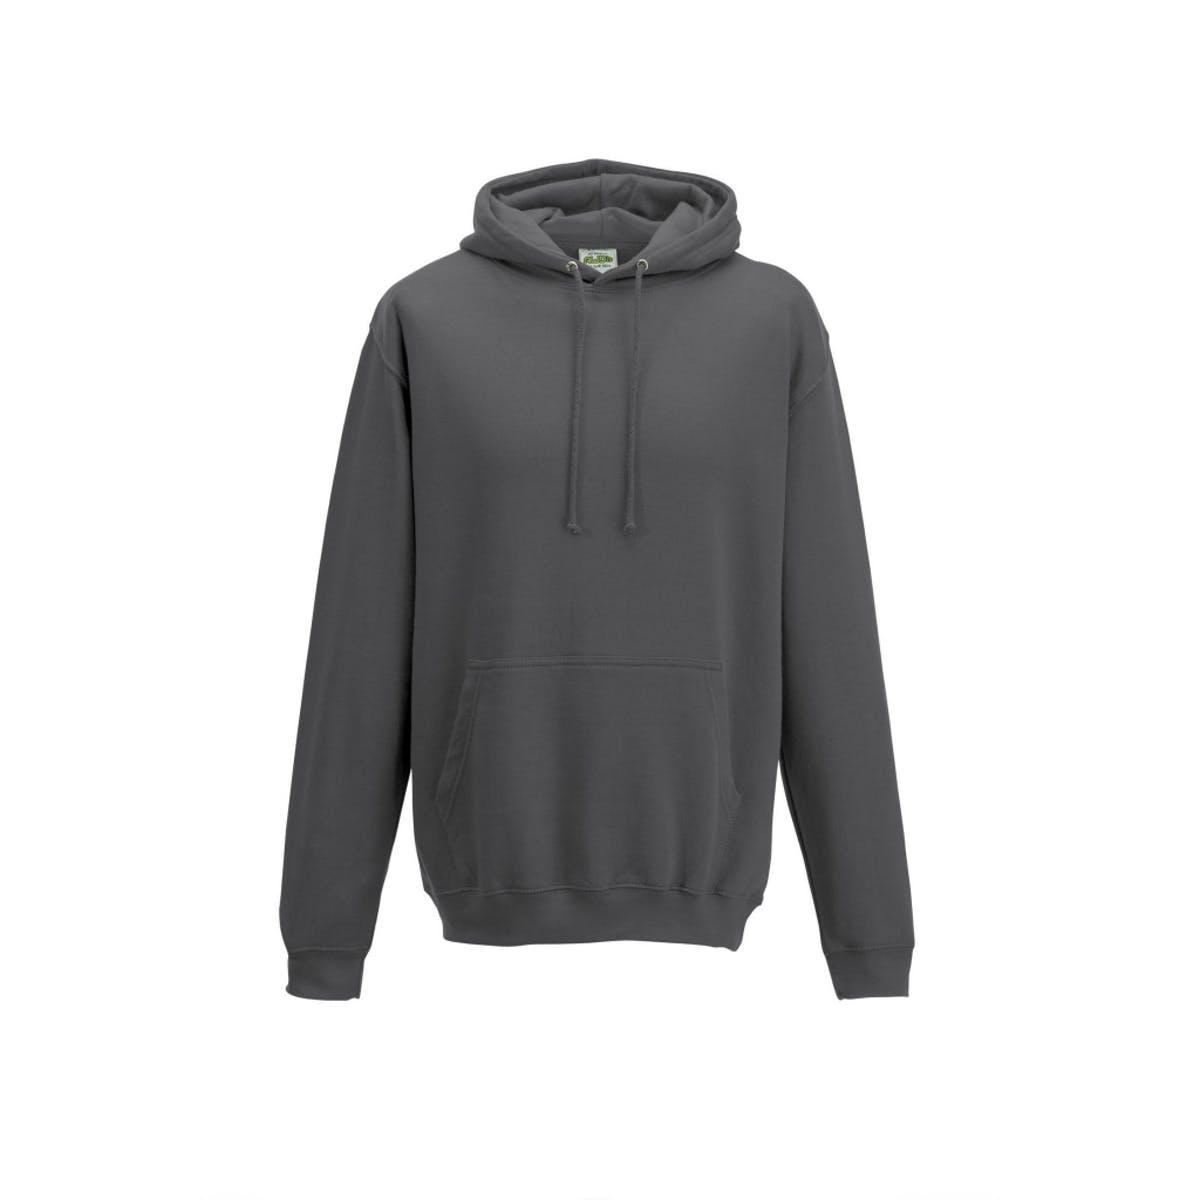 storm grey college hoodies